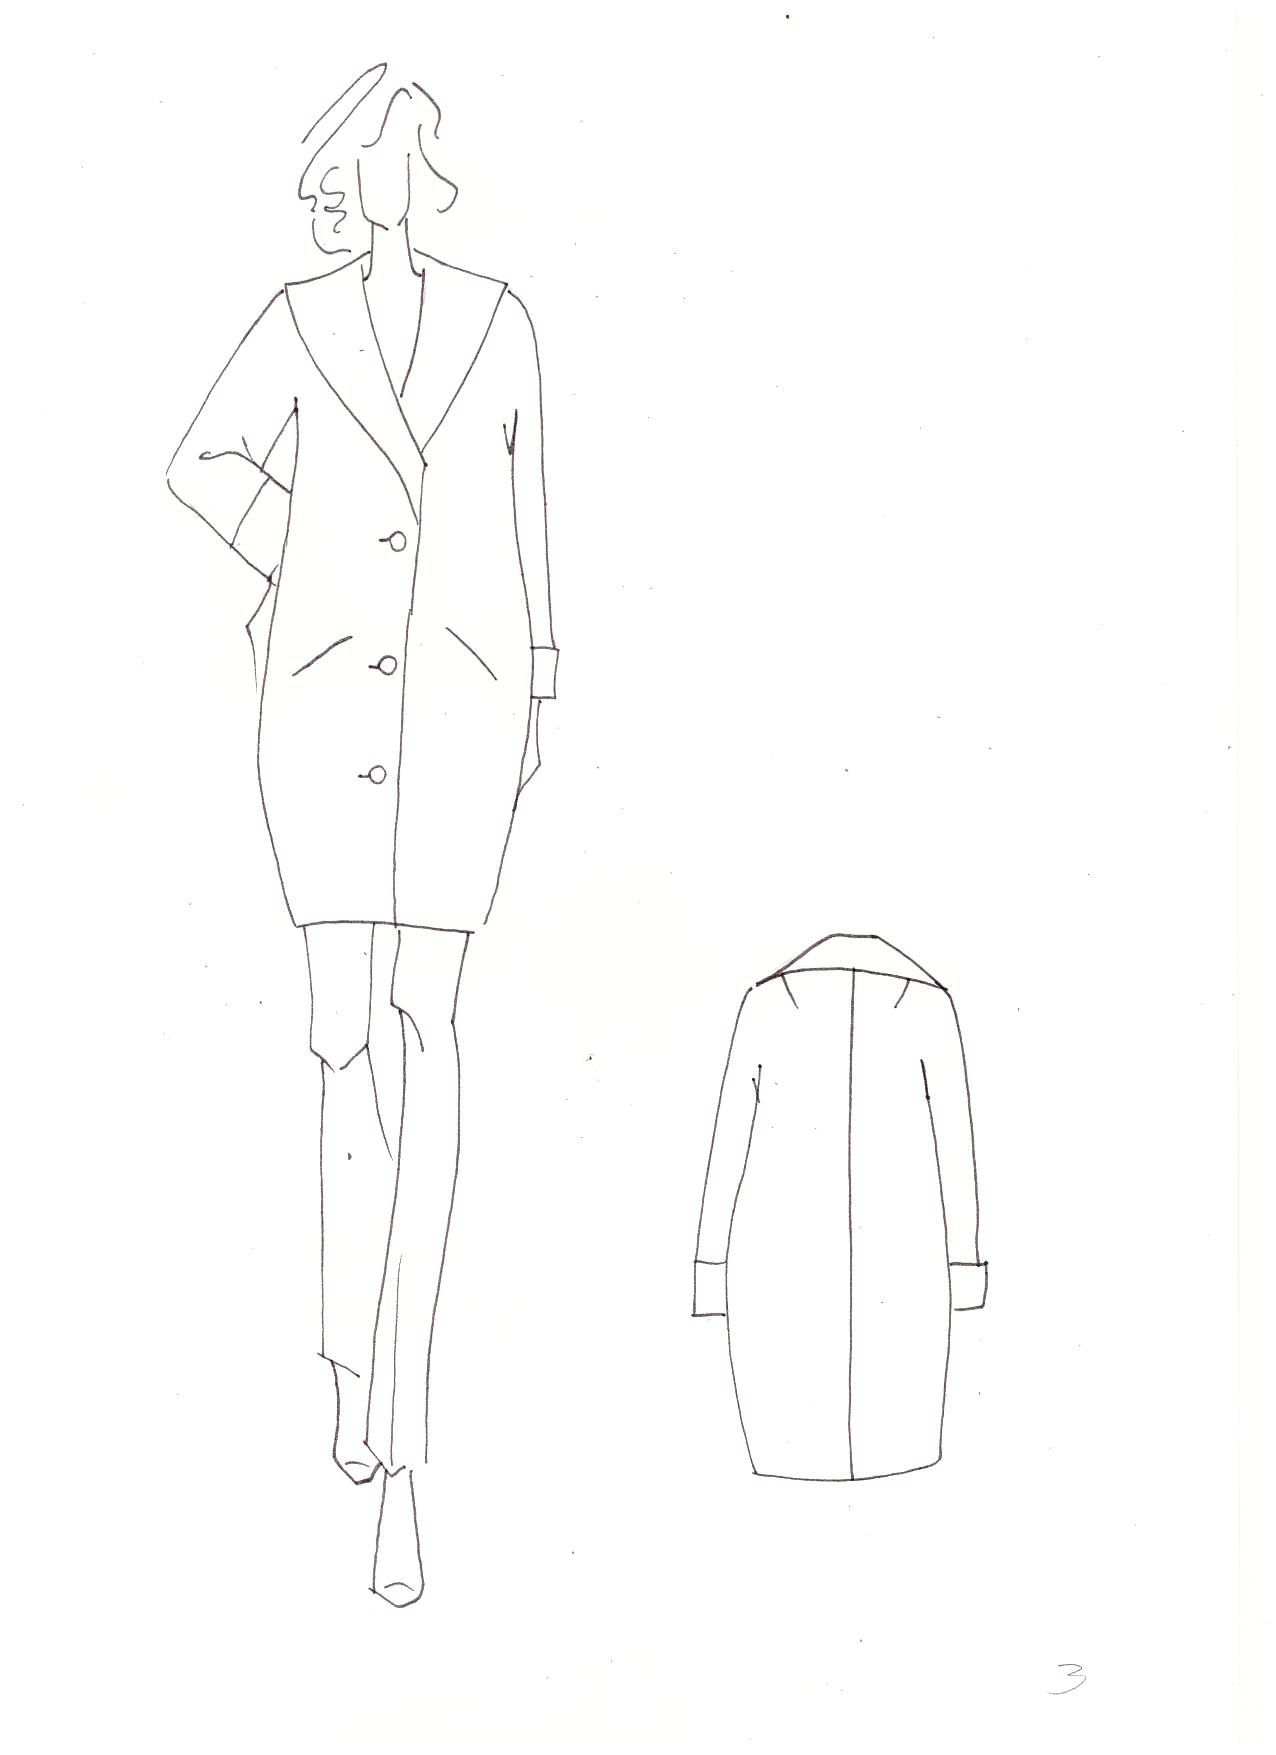 Курсовая работа по конструированию женского пальто 3313